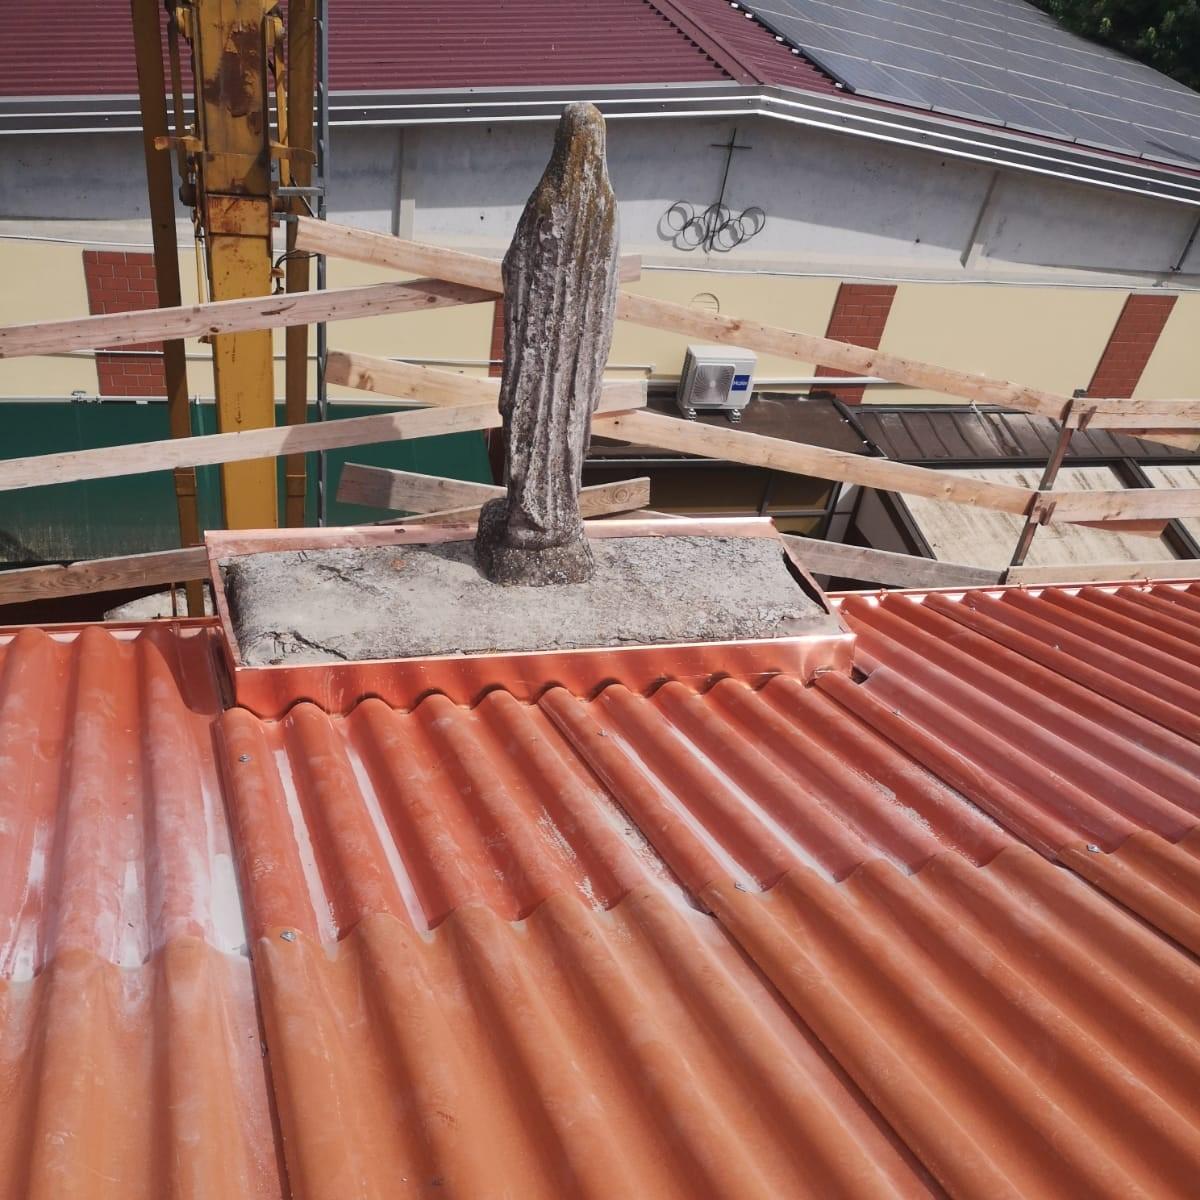 Lavori tetto Palazzina foto aggiunte (3)